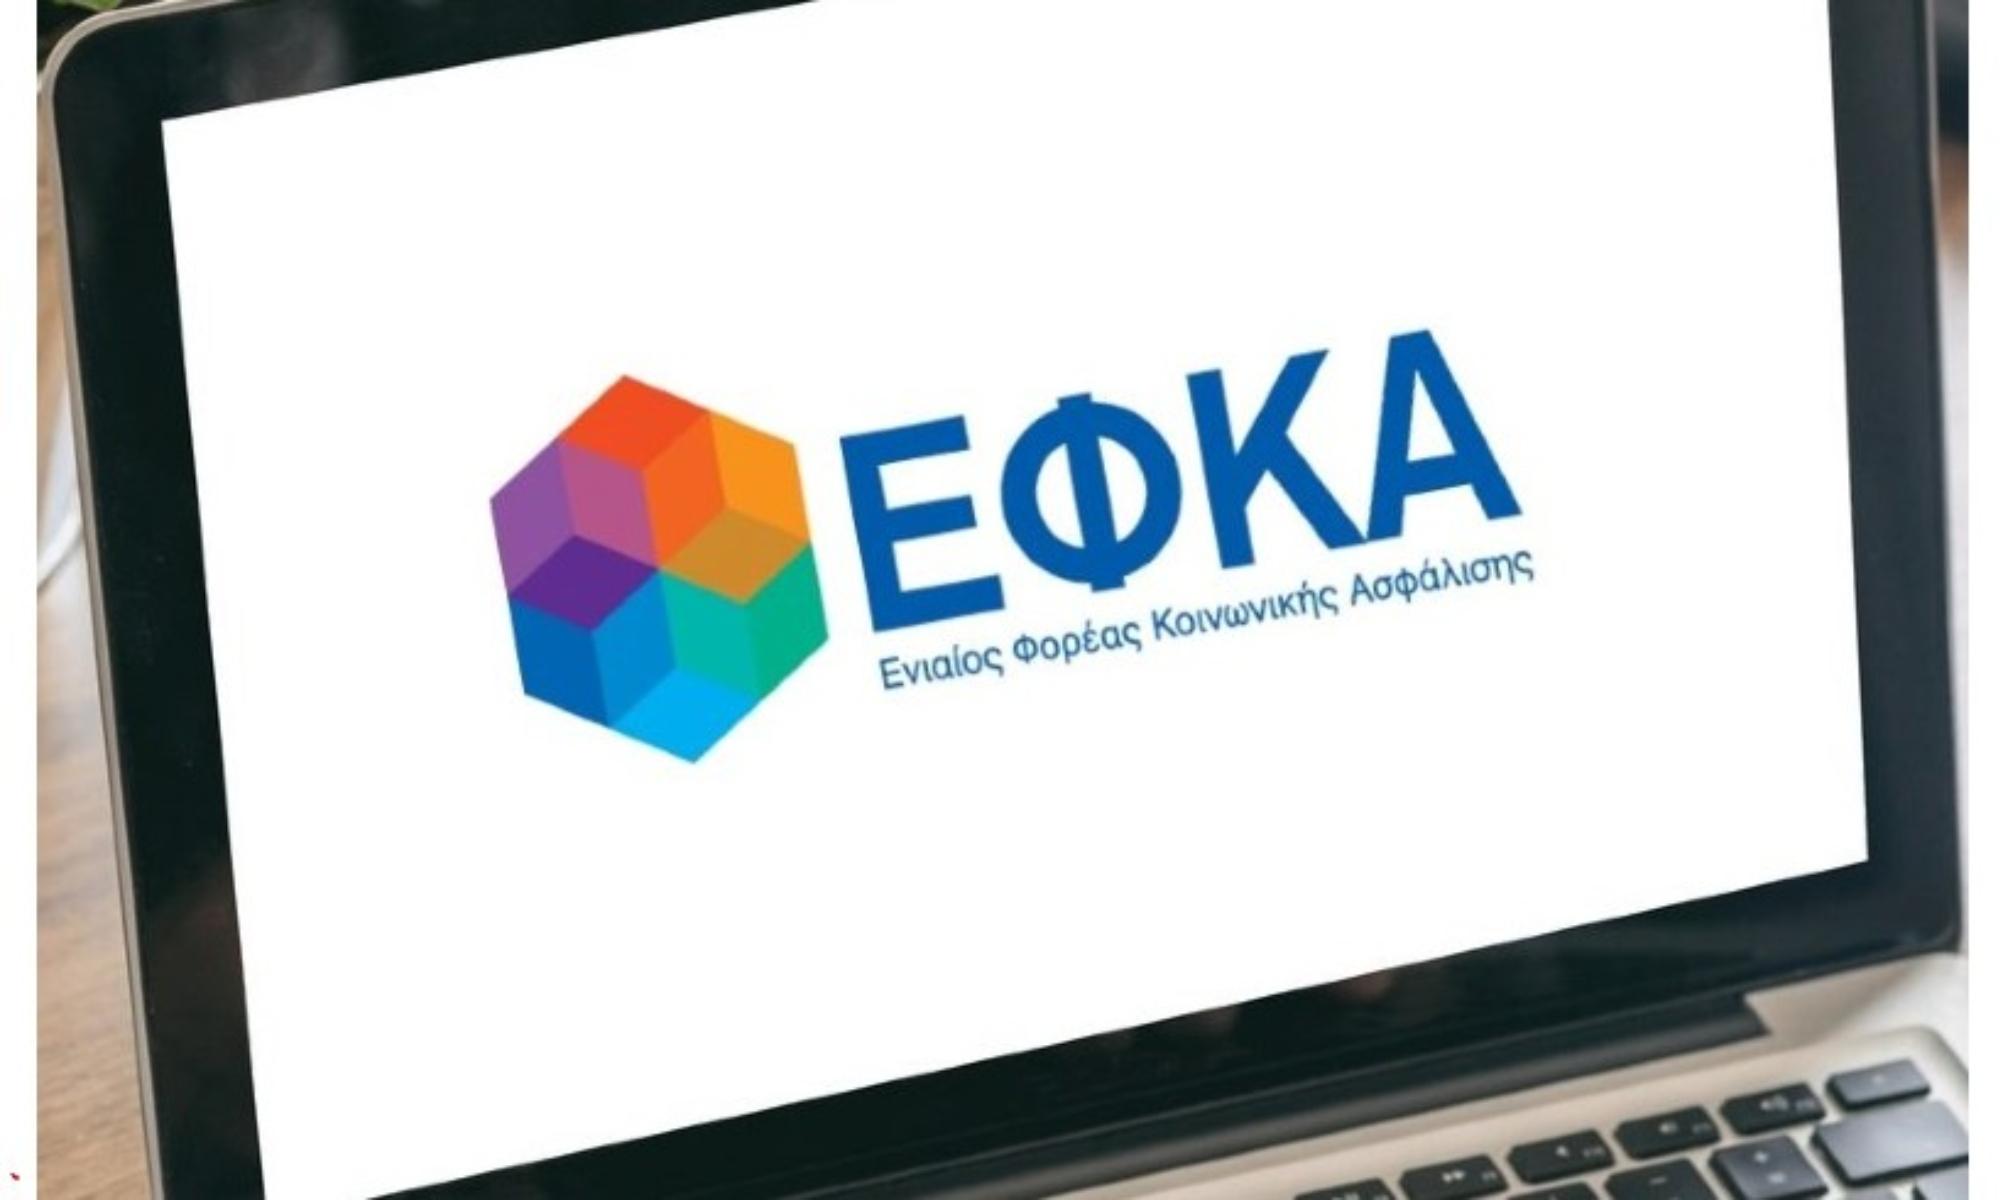 Επίδομα ασθενείας: Νέα ηλεκτρονική υπηρεσία e-ΕΦΚ